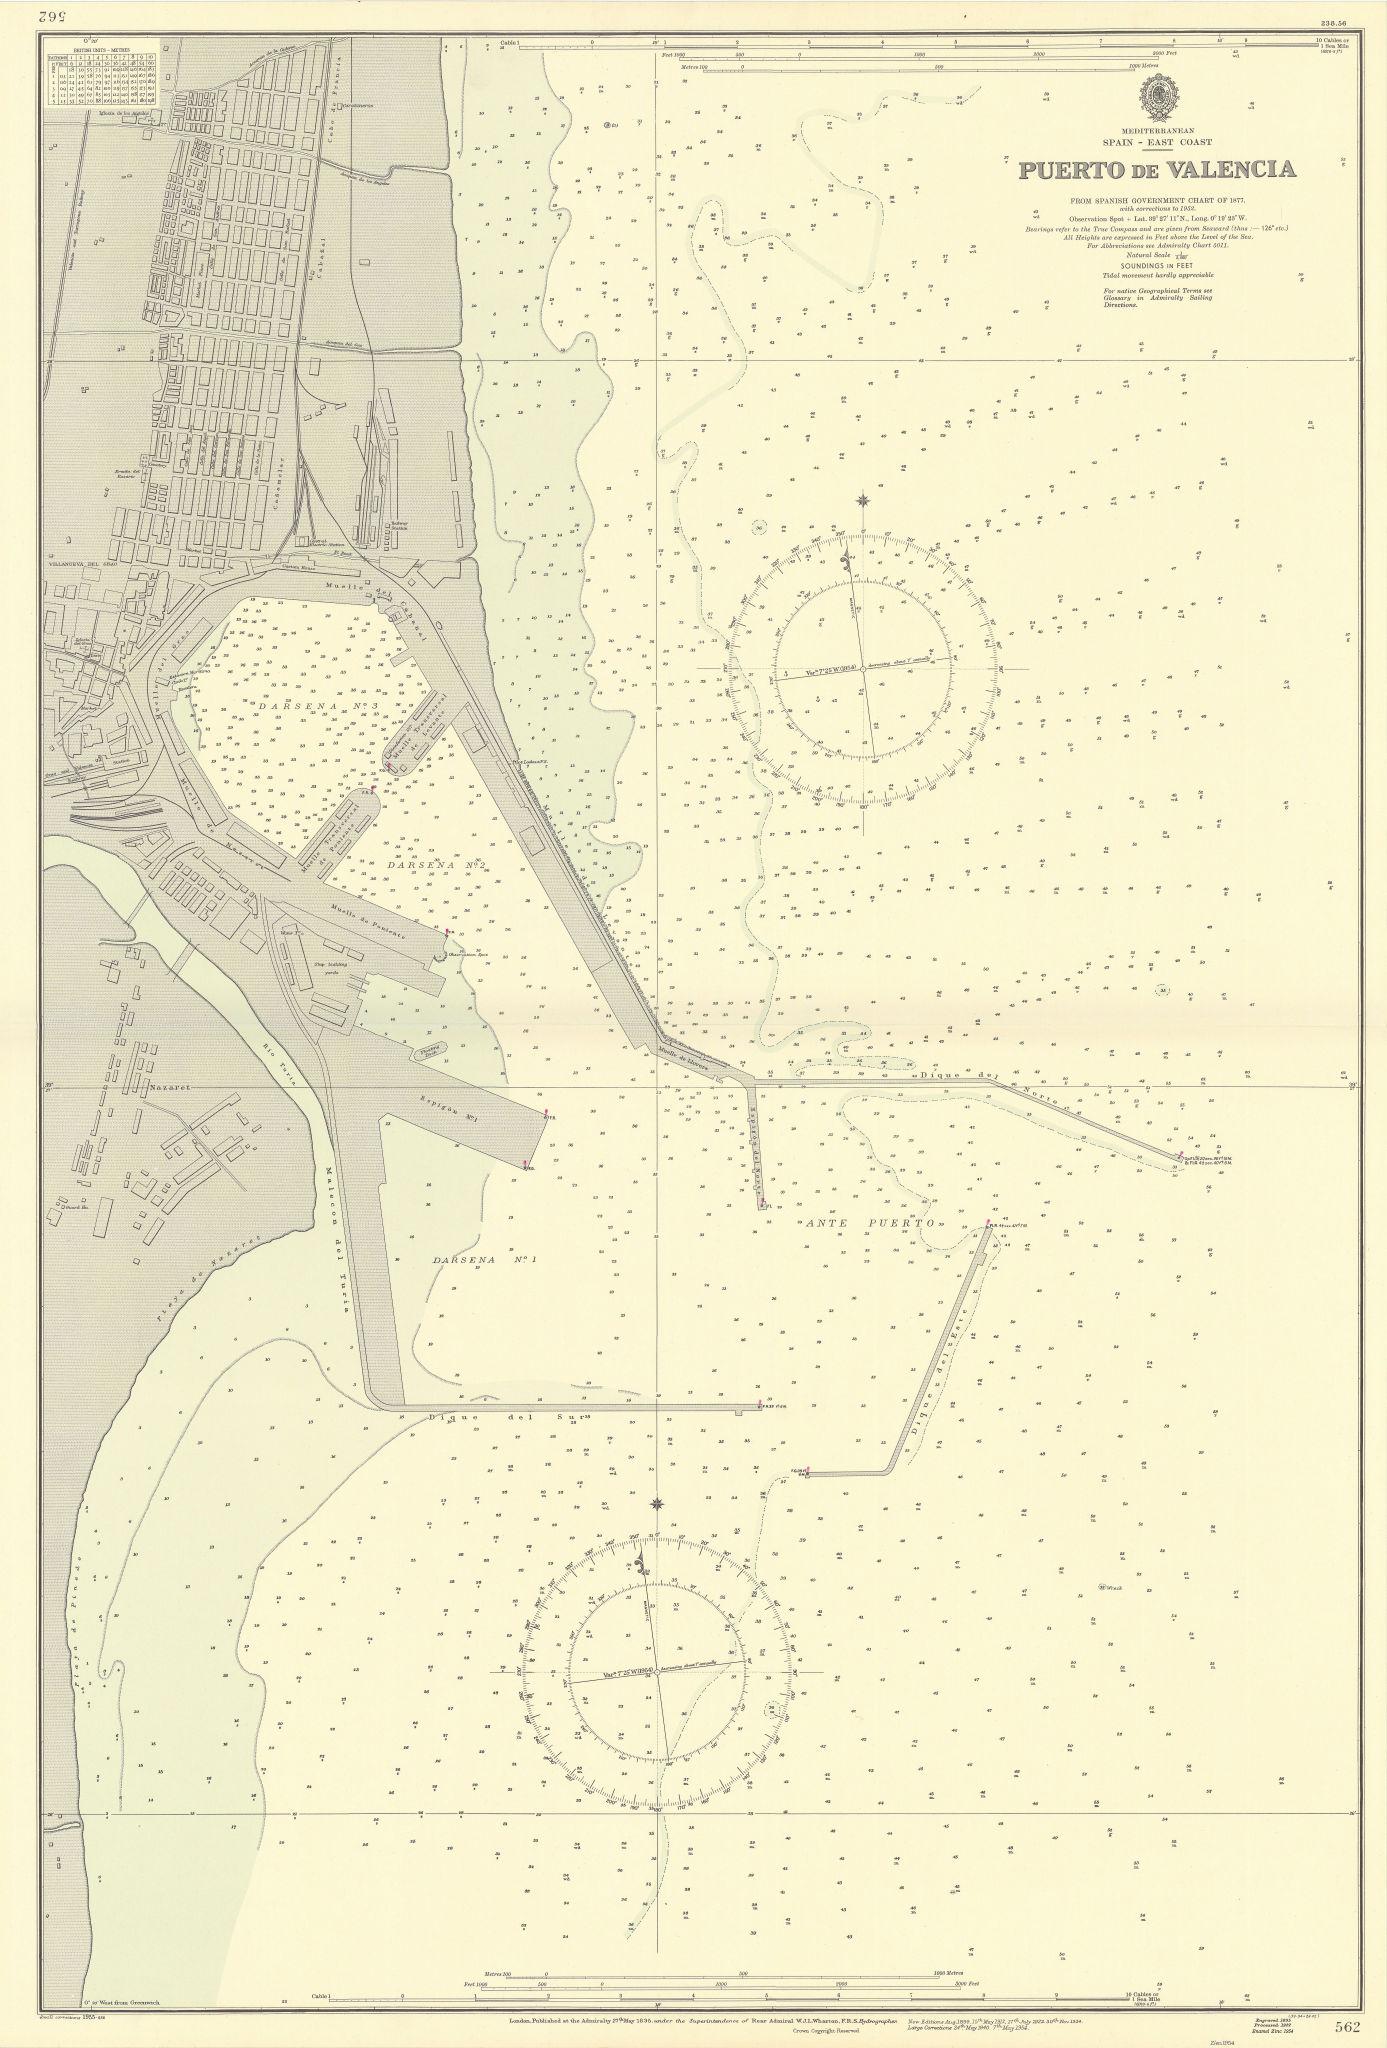 Puerto de Valencia, Spain. ADMIRALTY sea chart 1895 (1955) old vintage map